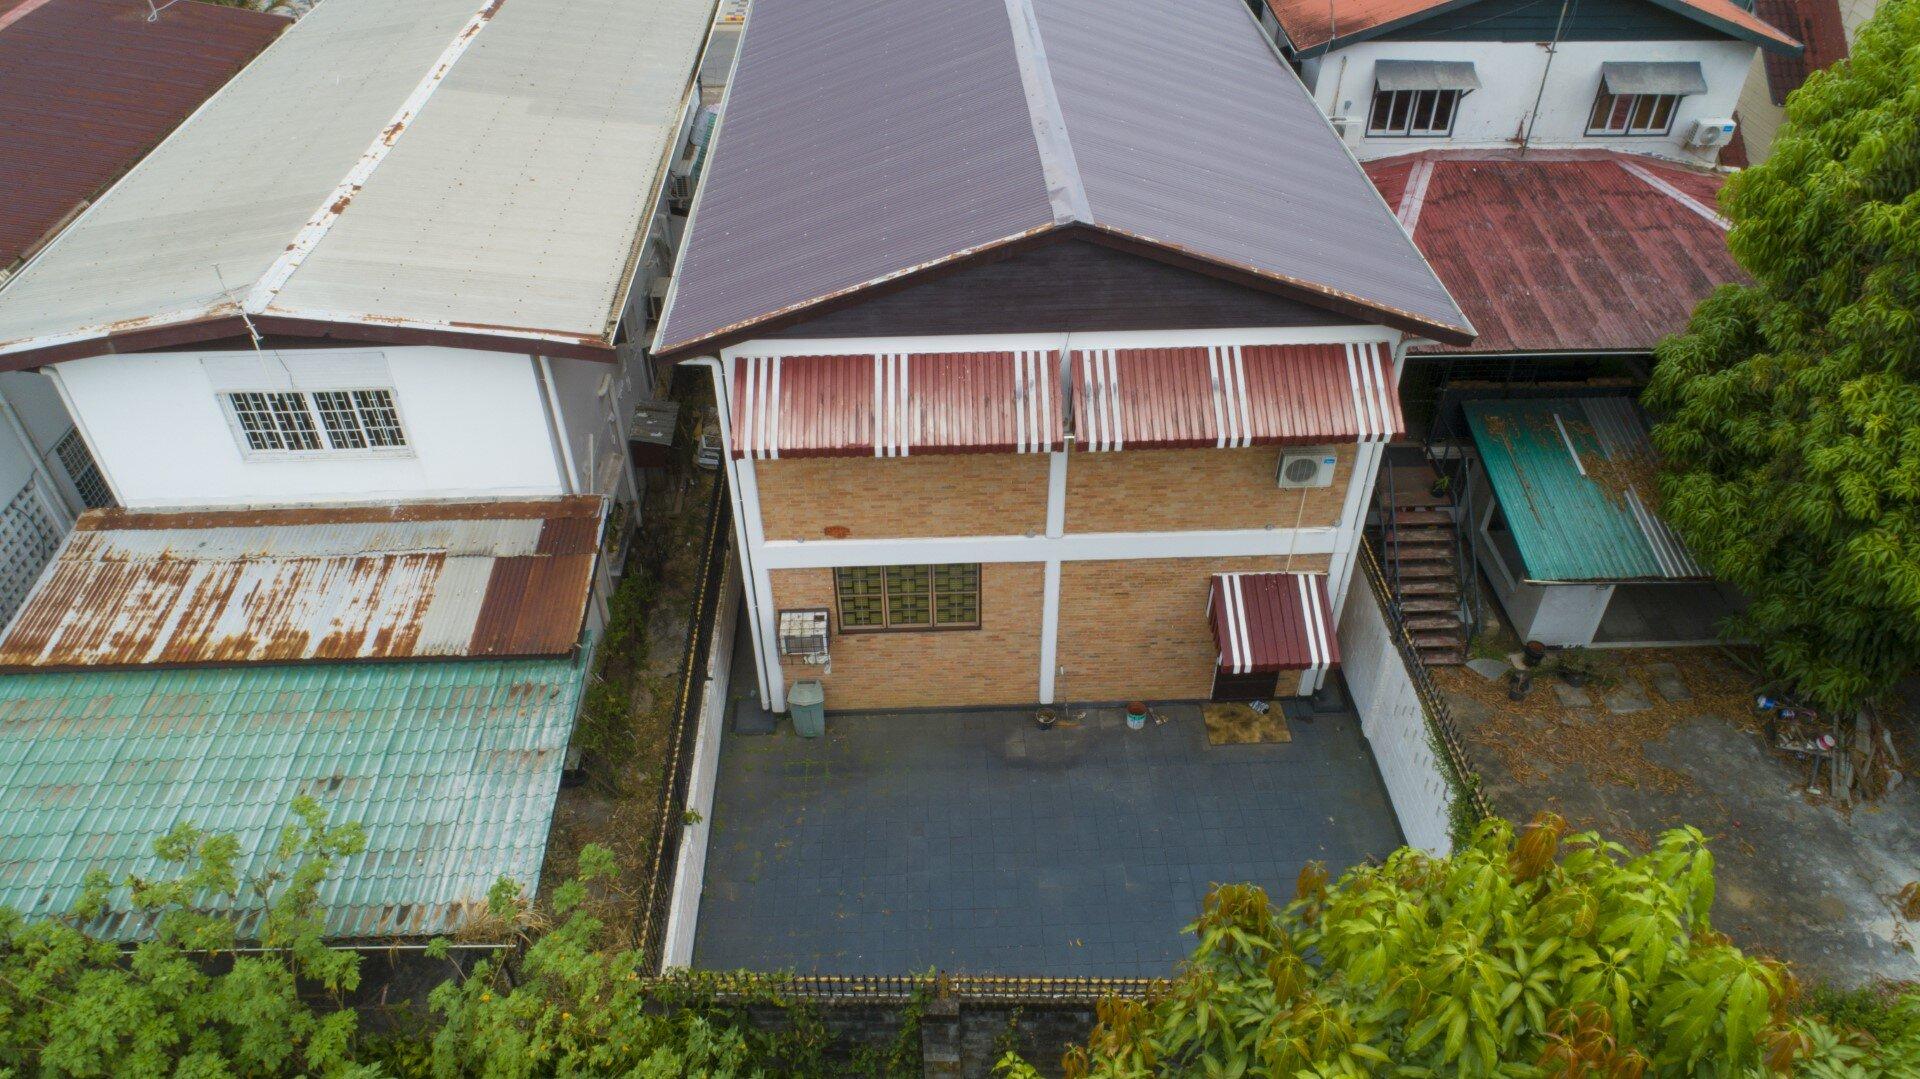 Prins Hendrikstraat 6 Centrum Paramaribo Surgoed Makelaardij NV Huurpand H0321B6 4 - Prins Hendrikstraat 6